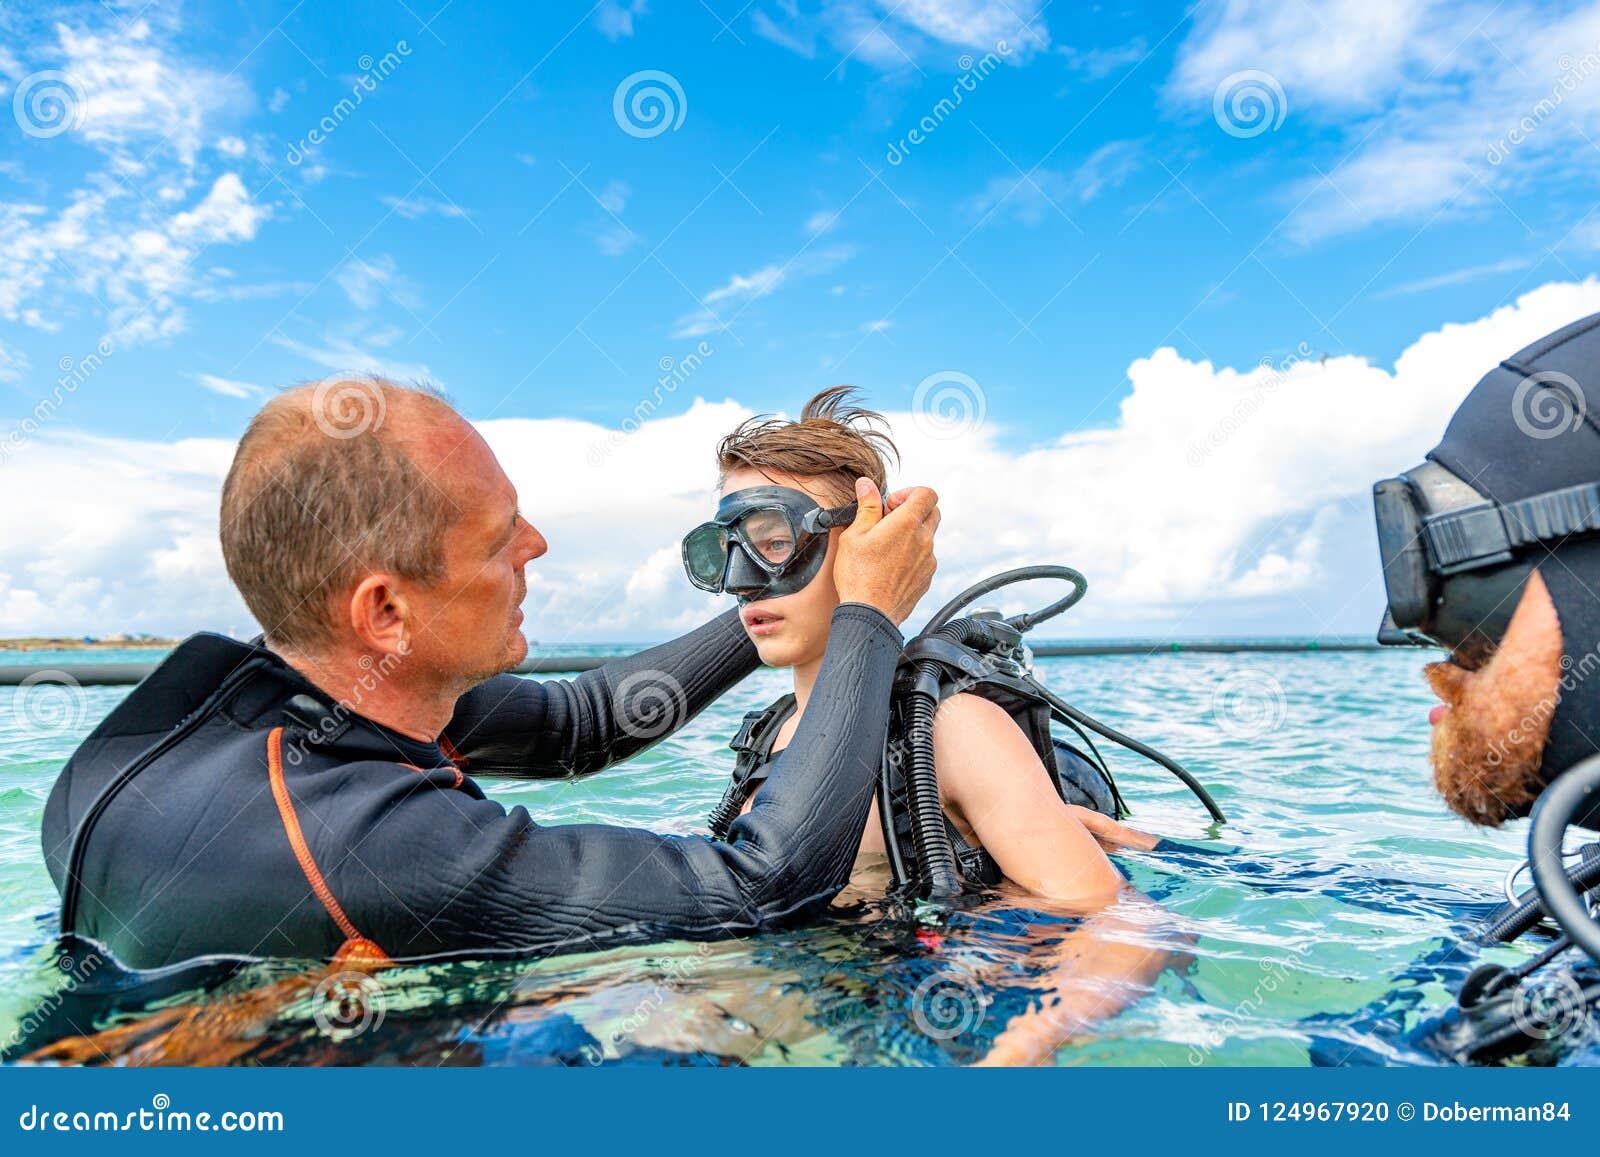 Человек в костюме для нырять подготавливает мальчика нырнуть